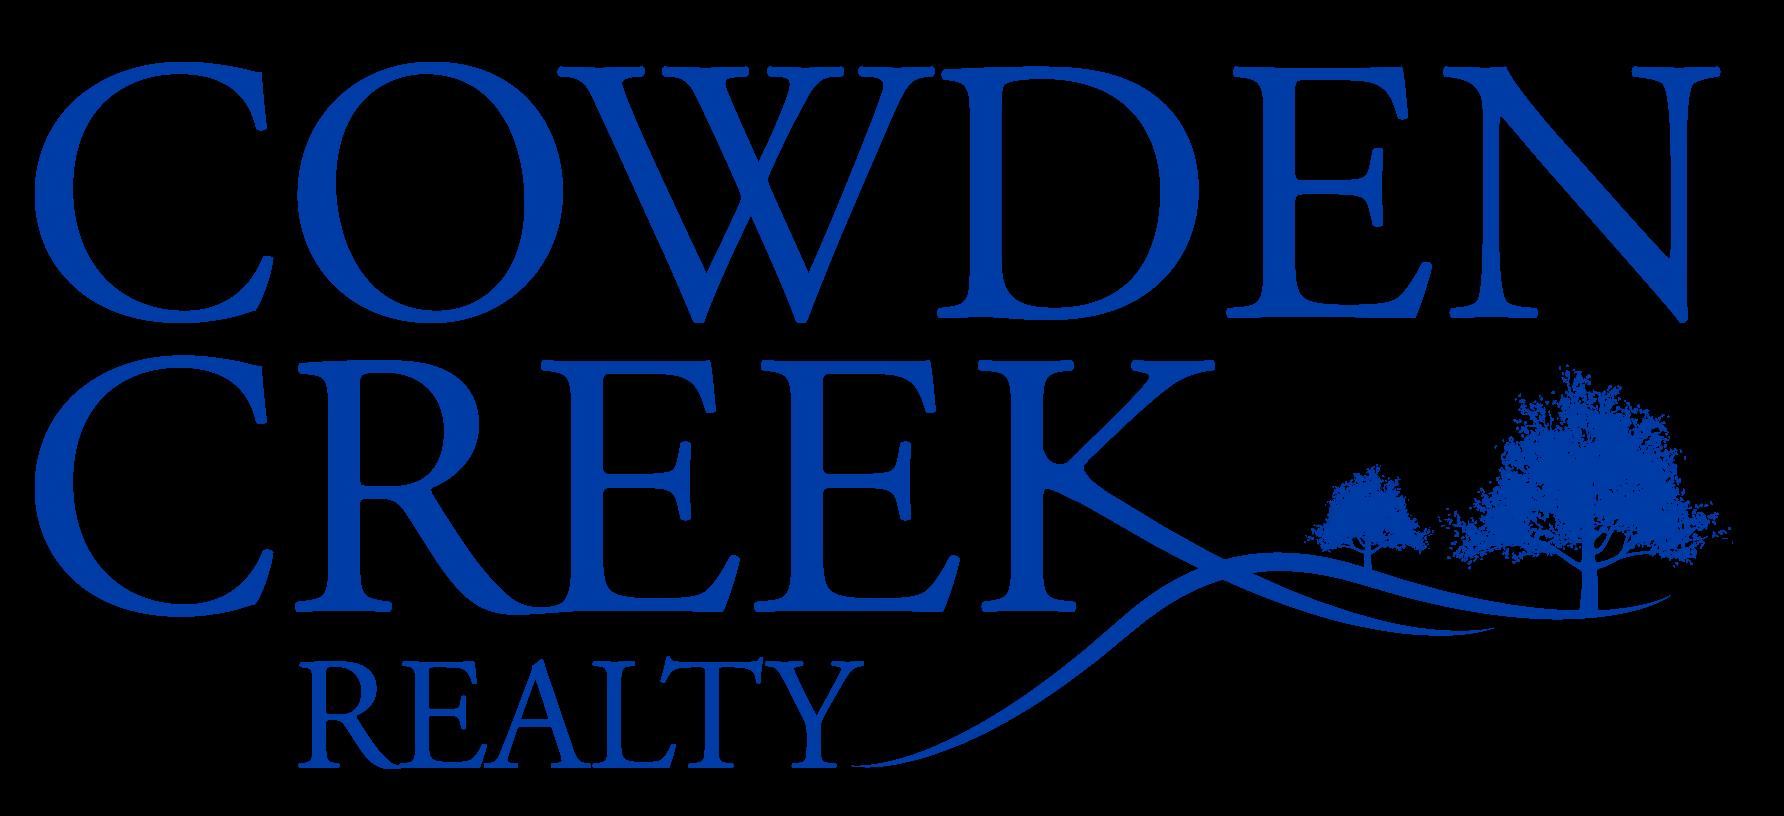 Cowden Creek Realty, LLC